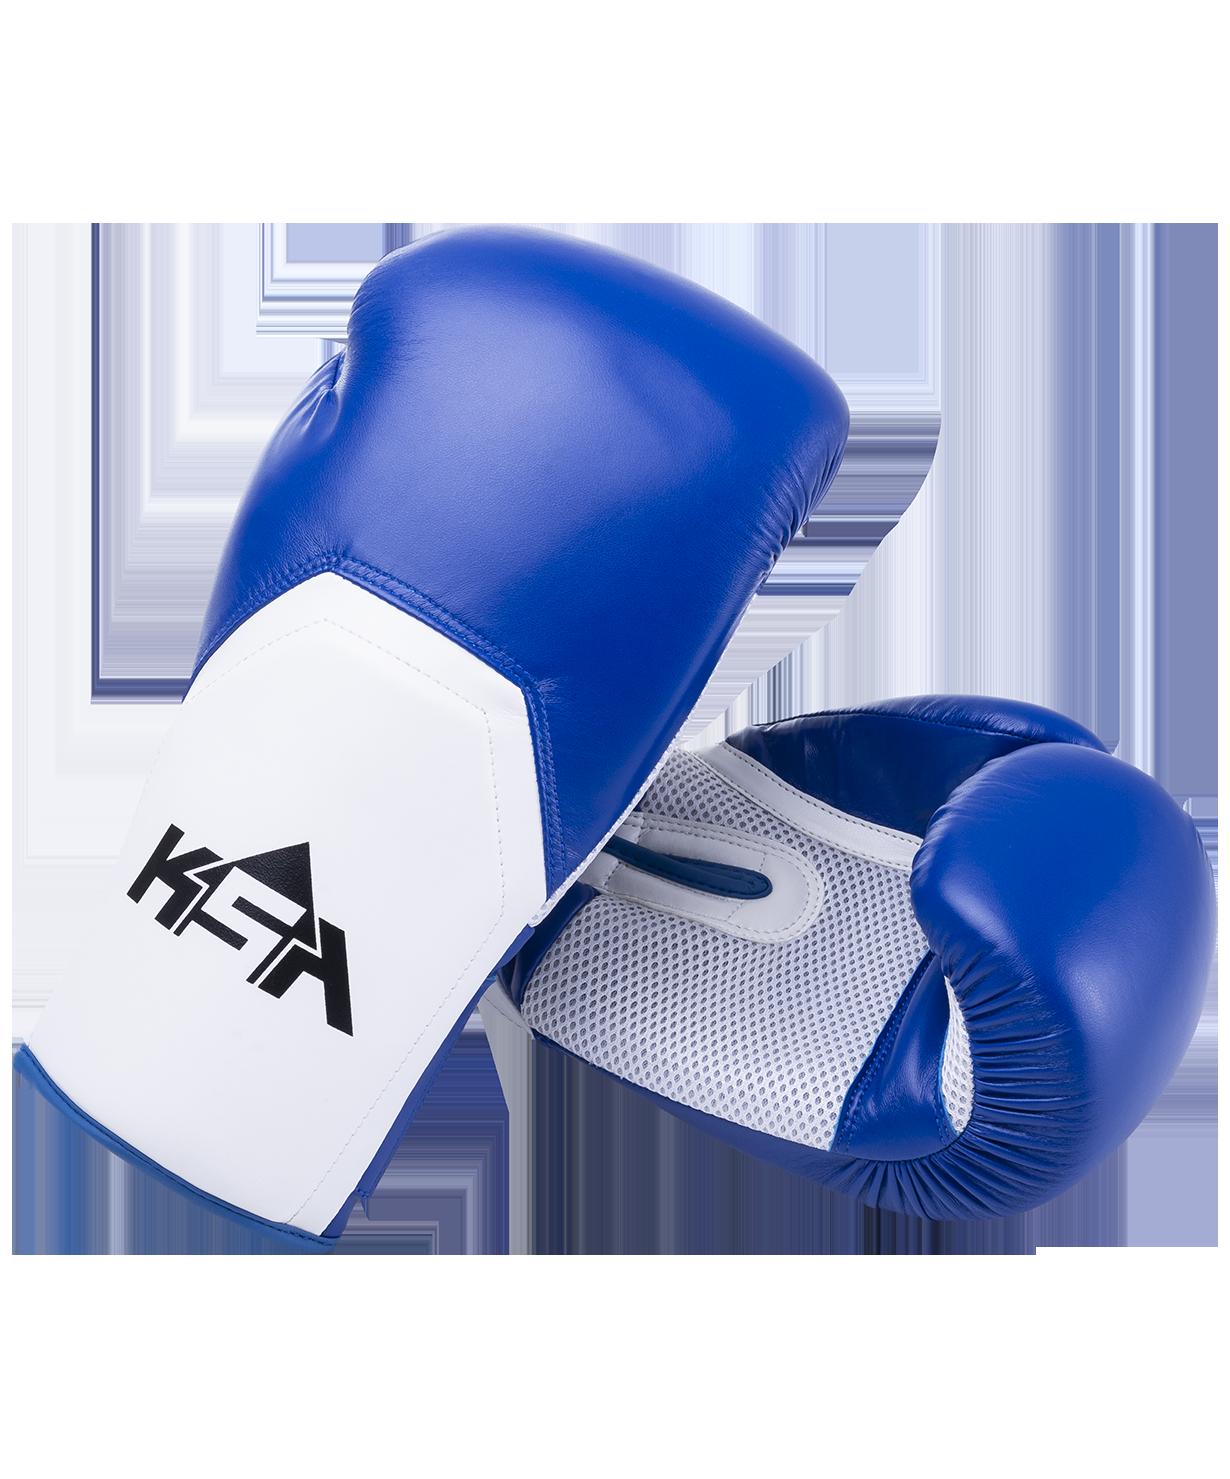 Перчатки Перчатки боксерские Scorpio 126e72248510dc542889affde40f3c51.png